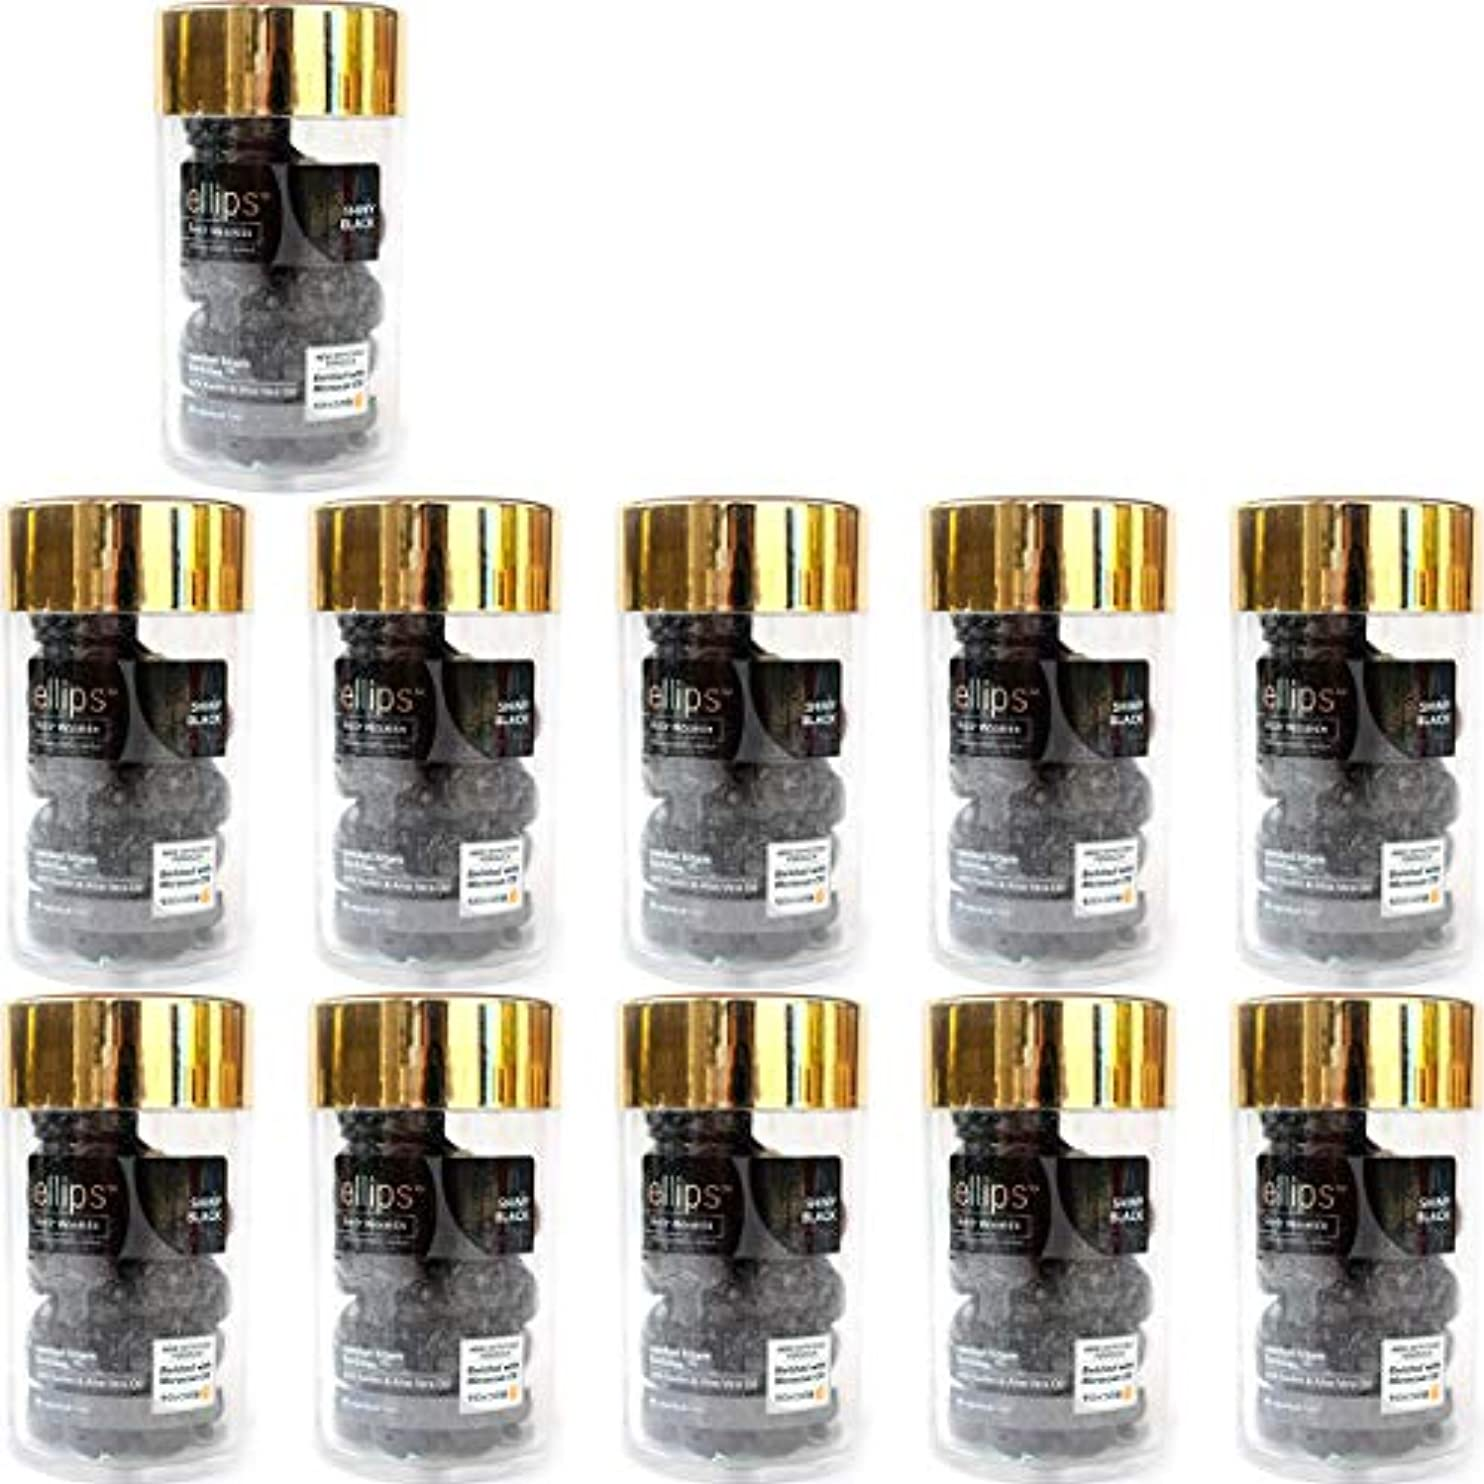 スイス人スタックラジカルellips エリプス ヘアビタミン ヘアオイル エリップス トリートメント ナチュラルシリーズ 50粒入ボトル ブラック 11個セット [海外直送品]